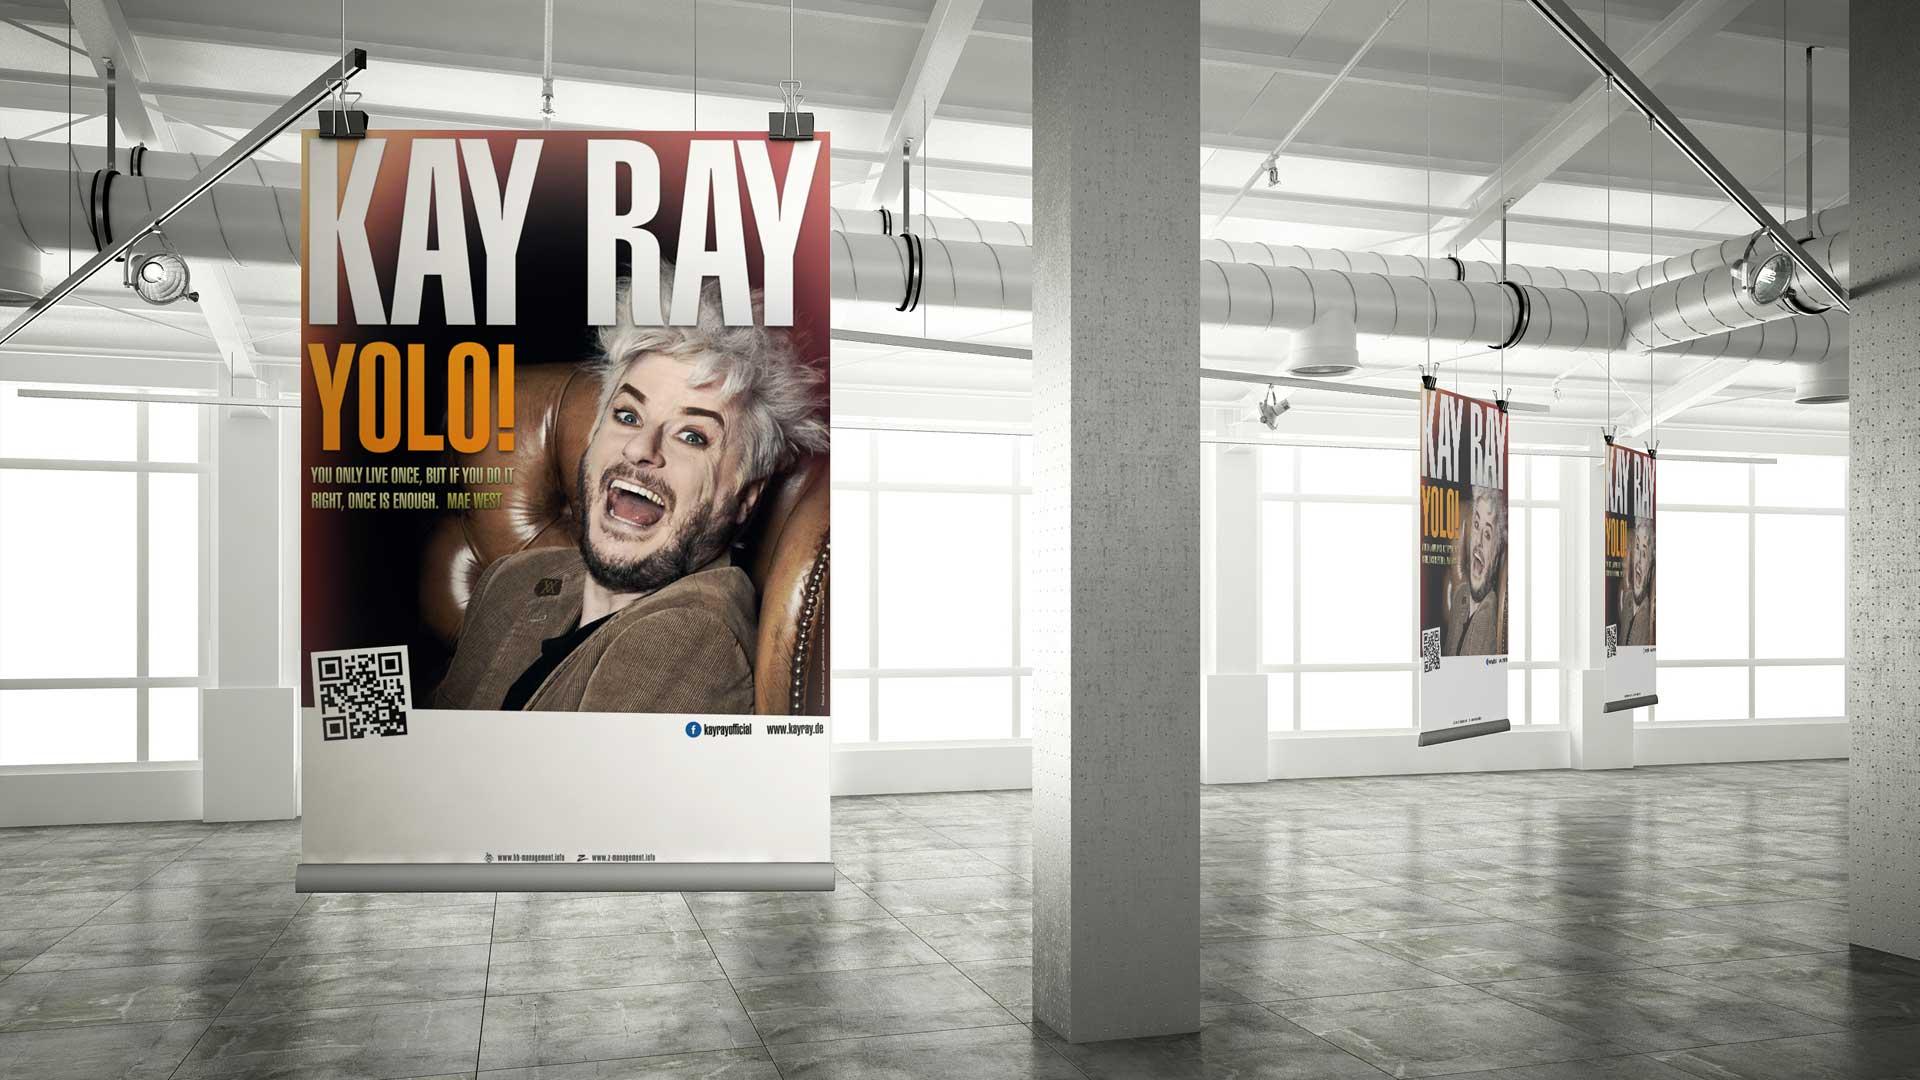 Kay Ray Yolo